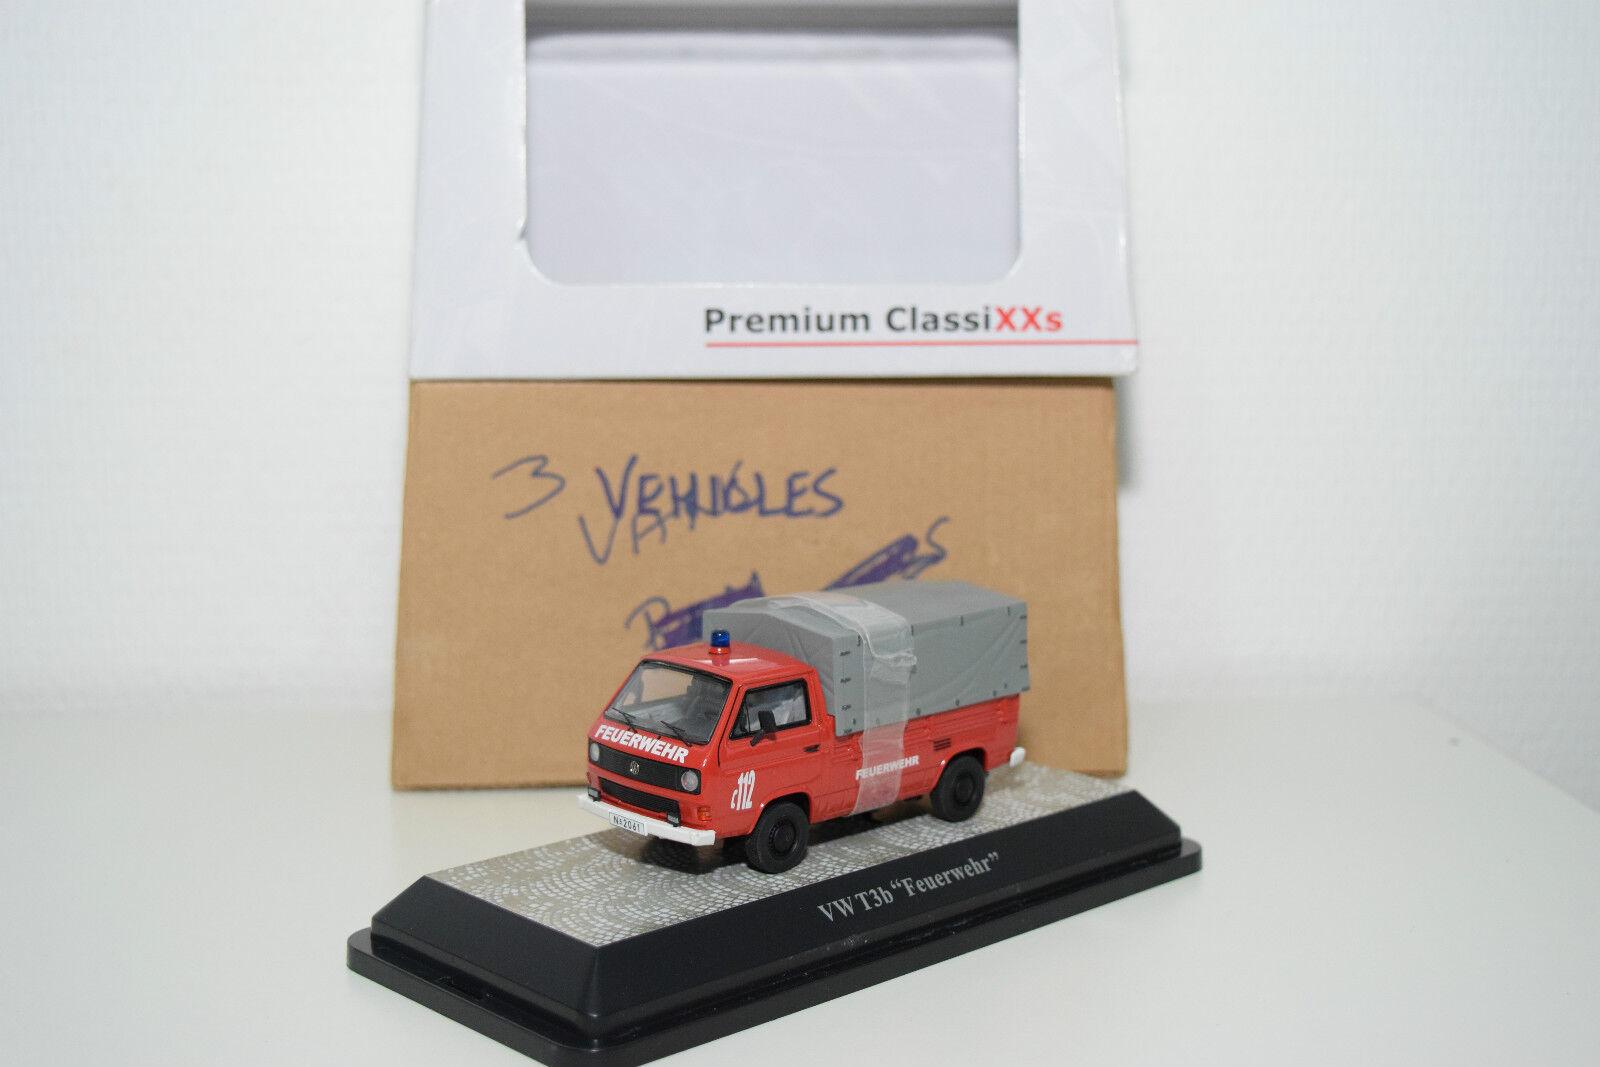 PREMIUM CLASSIXXS 13102 VW VOLKSWAGEN T3 B B B PRITSCHENWAGEN FEUERWEHR MINT BOXED e899a4